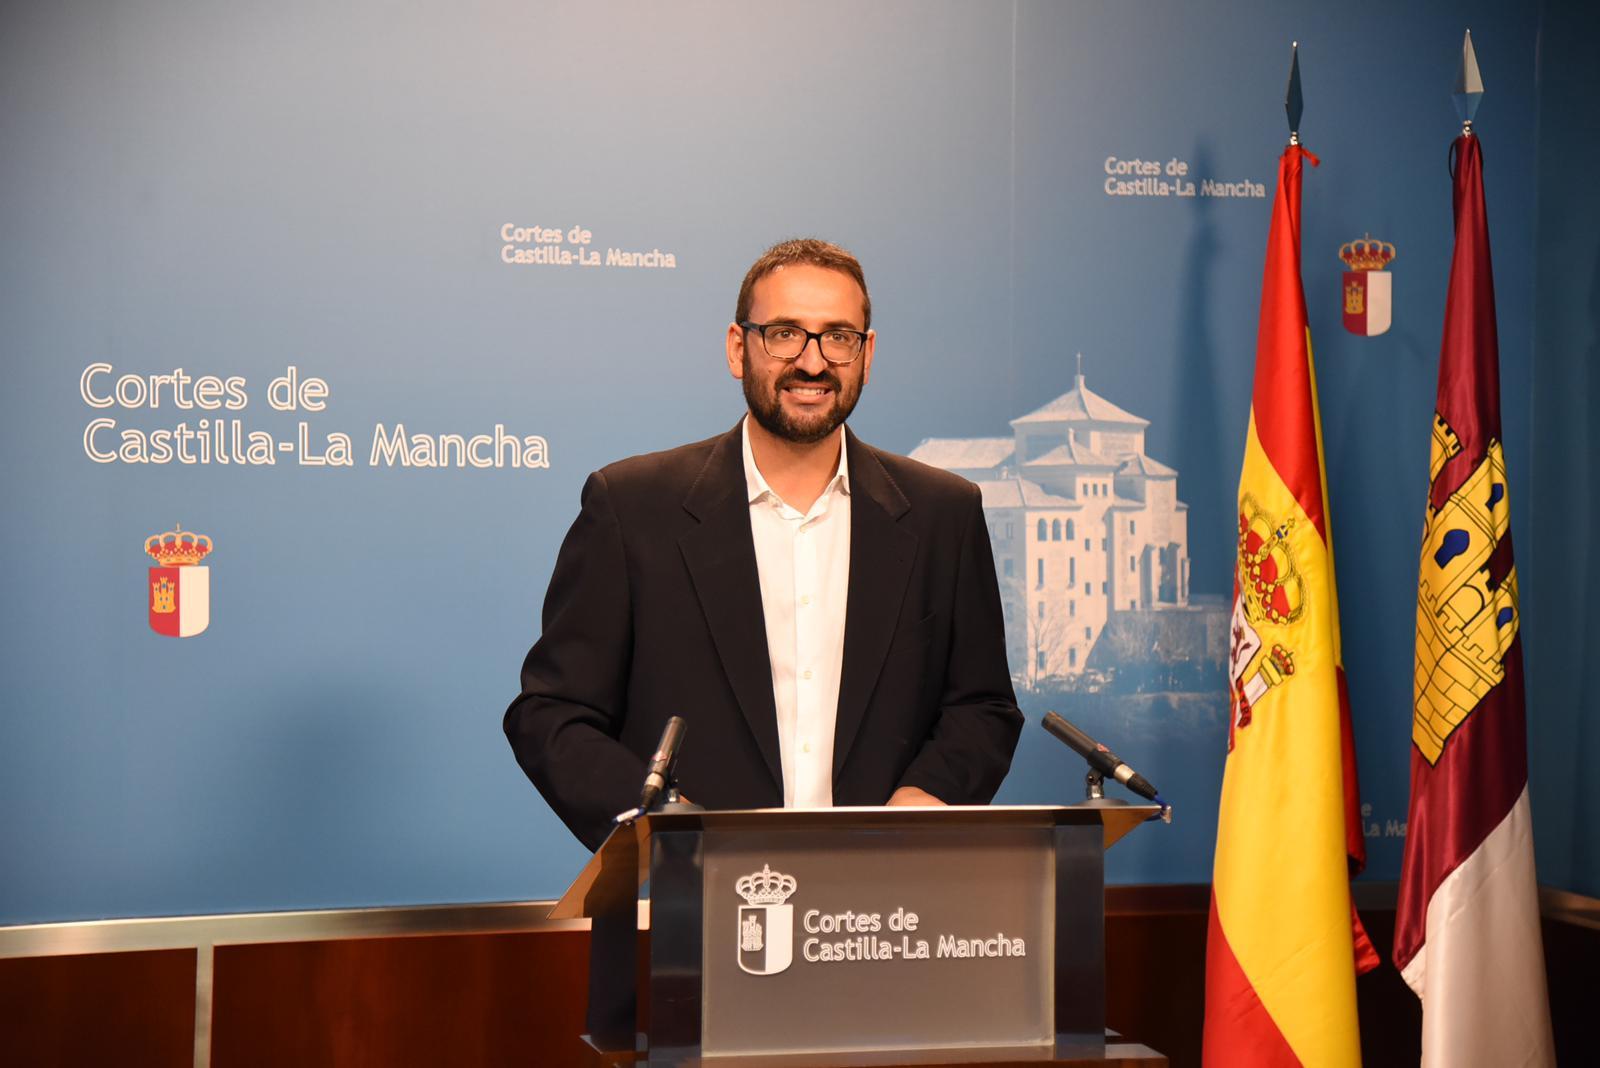 """Gutiérrez: """"Ayer vimos una España que podemos construir y una España que debemos evitar"""""""